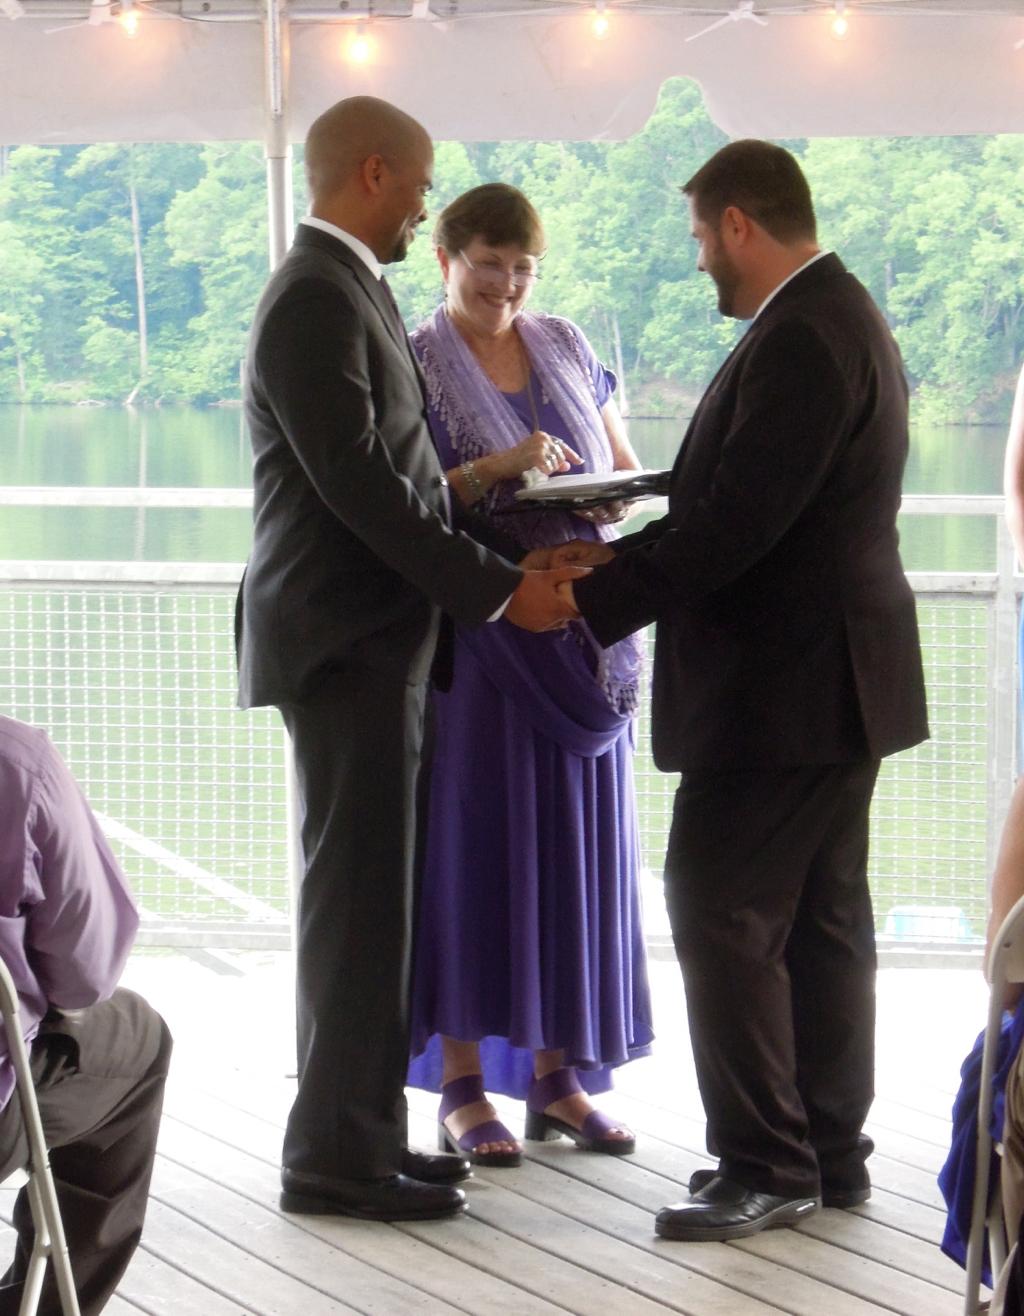 Antonio and Brian's Wedding at Lake Johnson Park